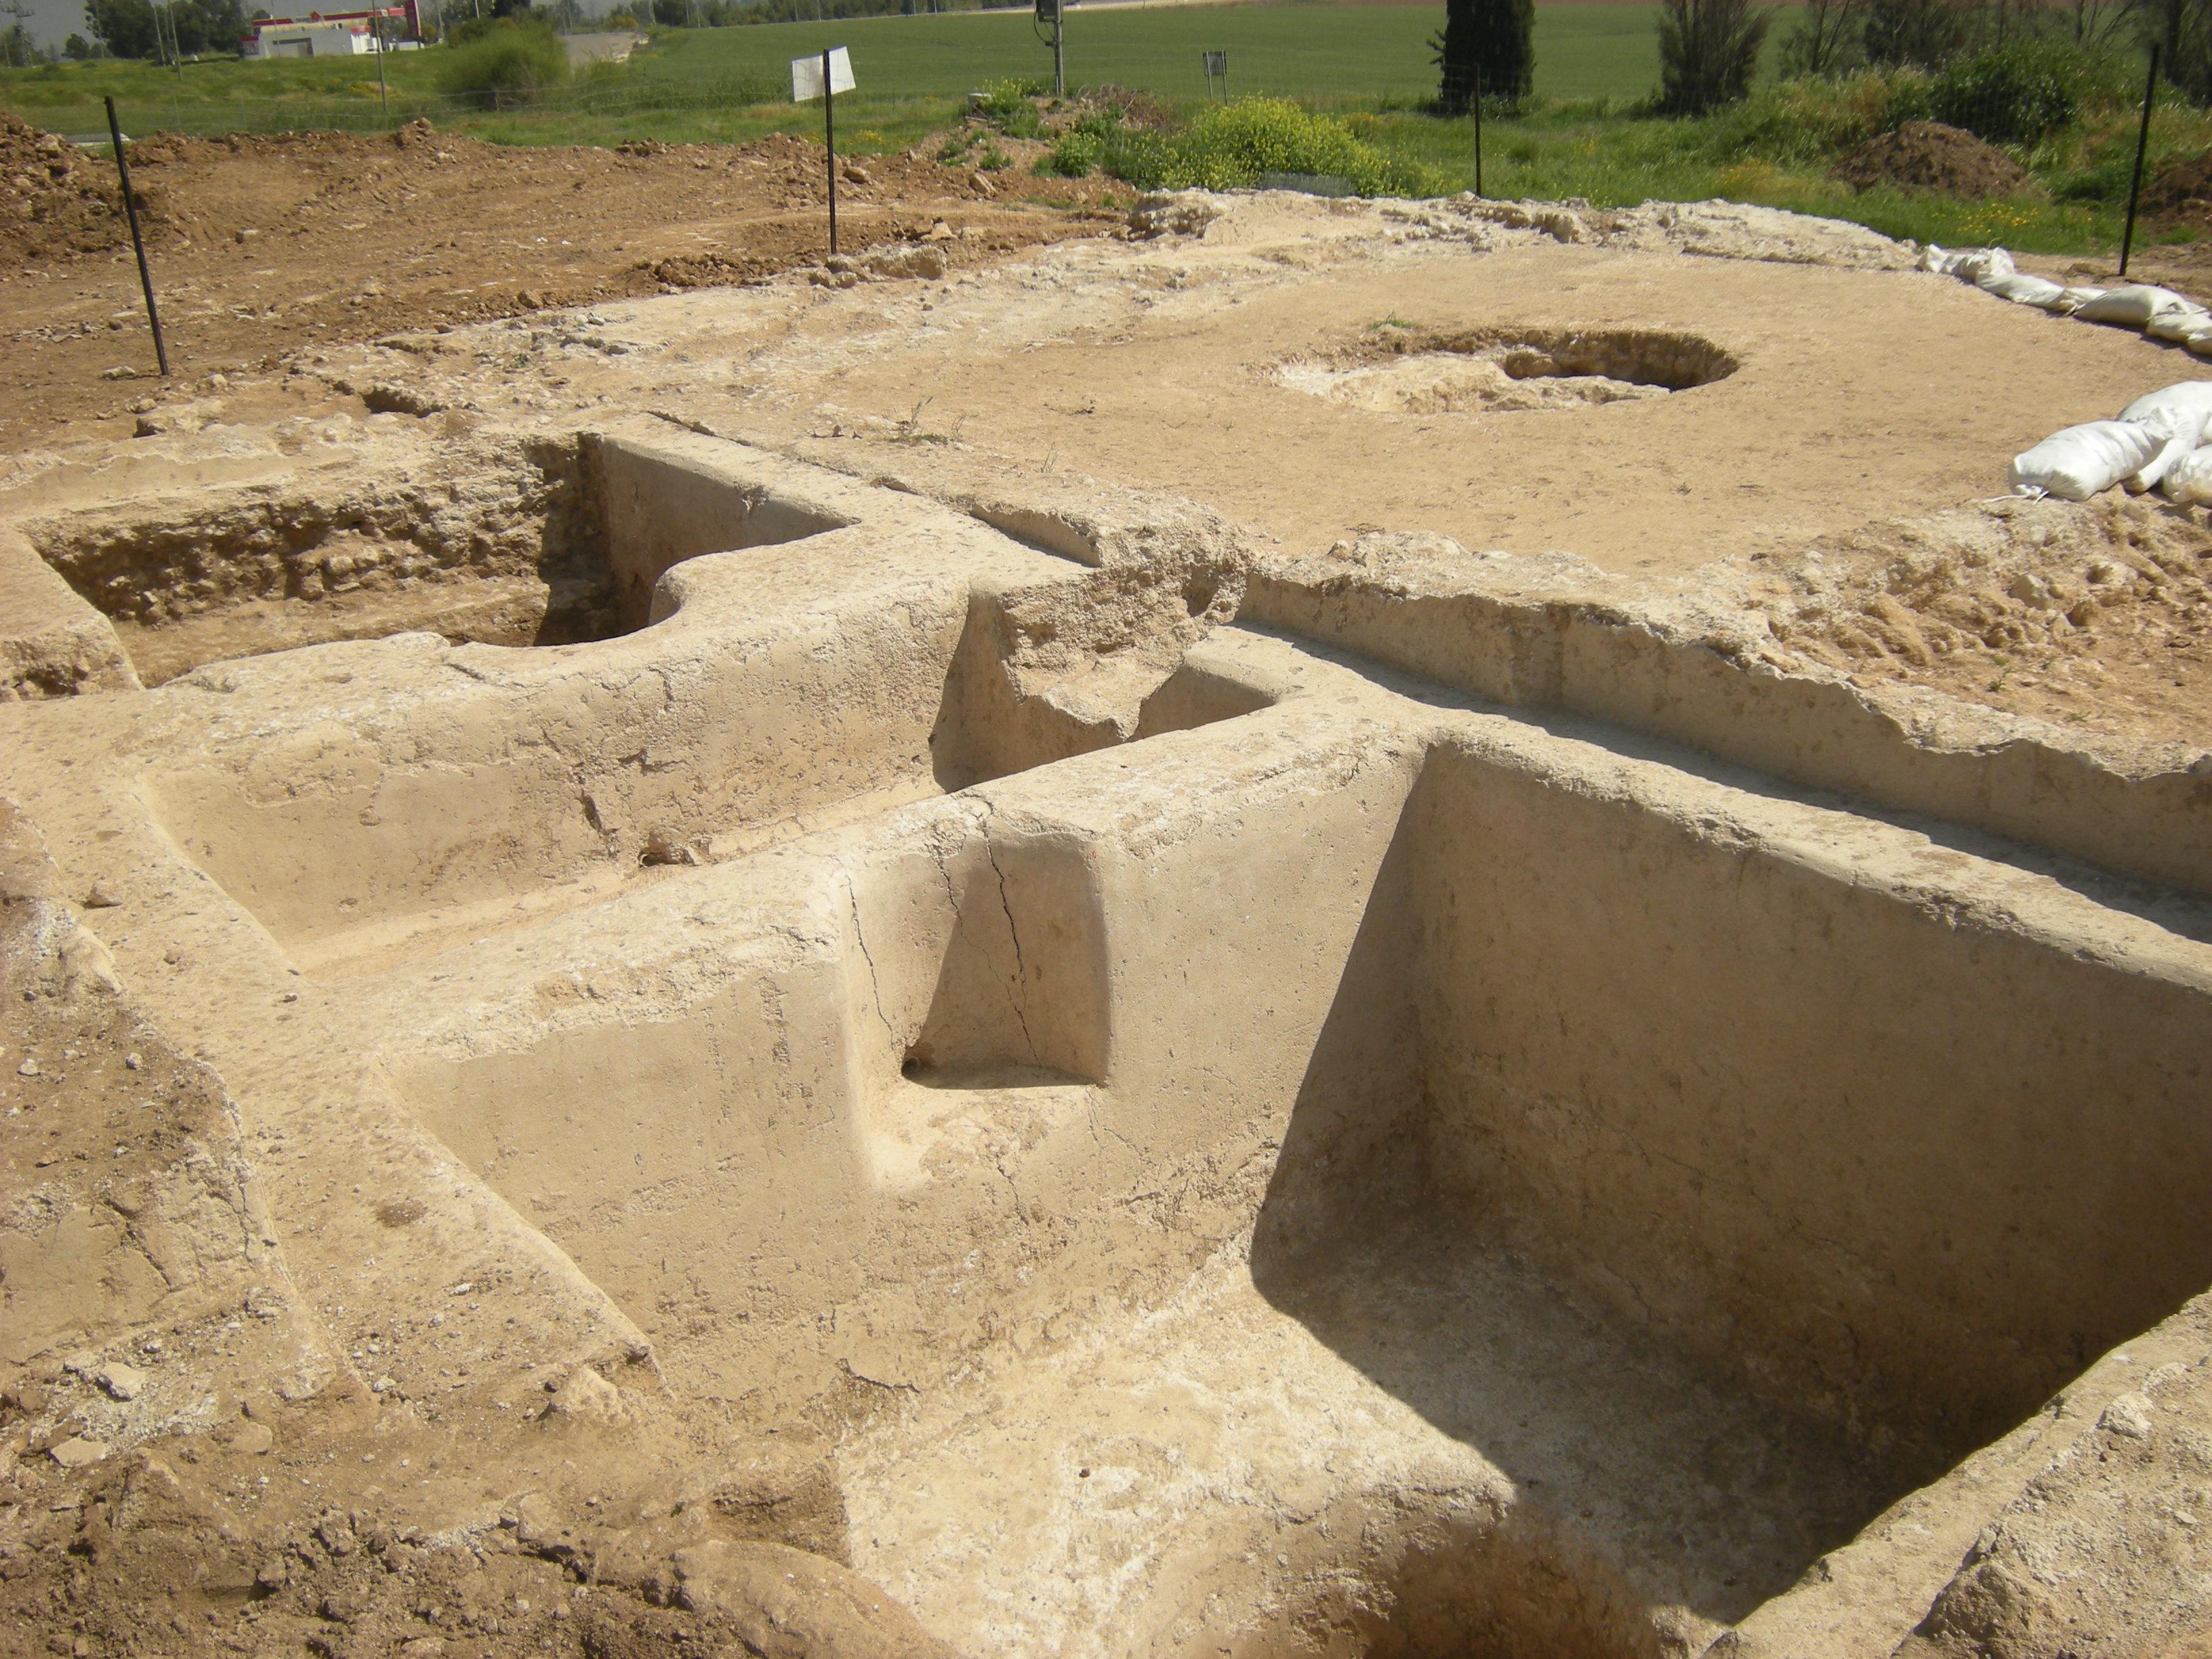 שרידי הגת שנמצאו ליד חמי יואב - צילום: סער גנור, באדיבות רשות העתיקות